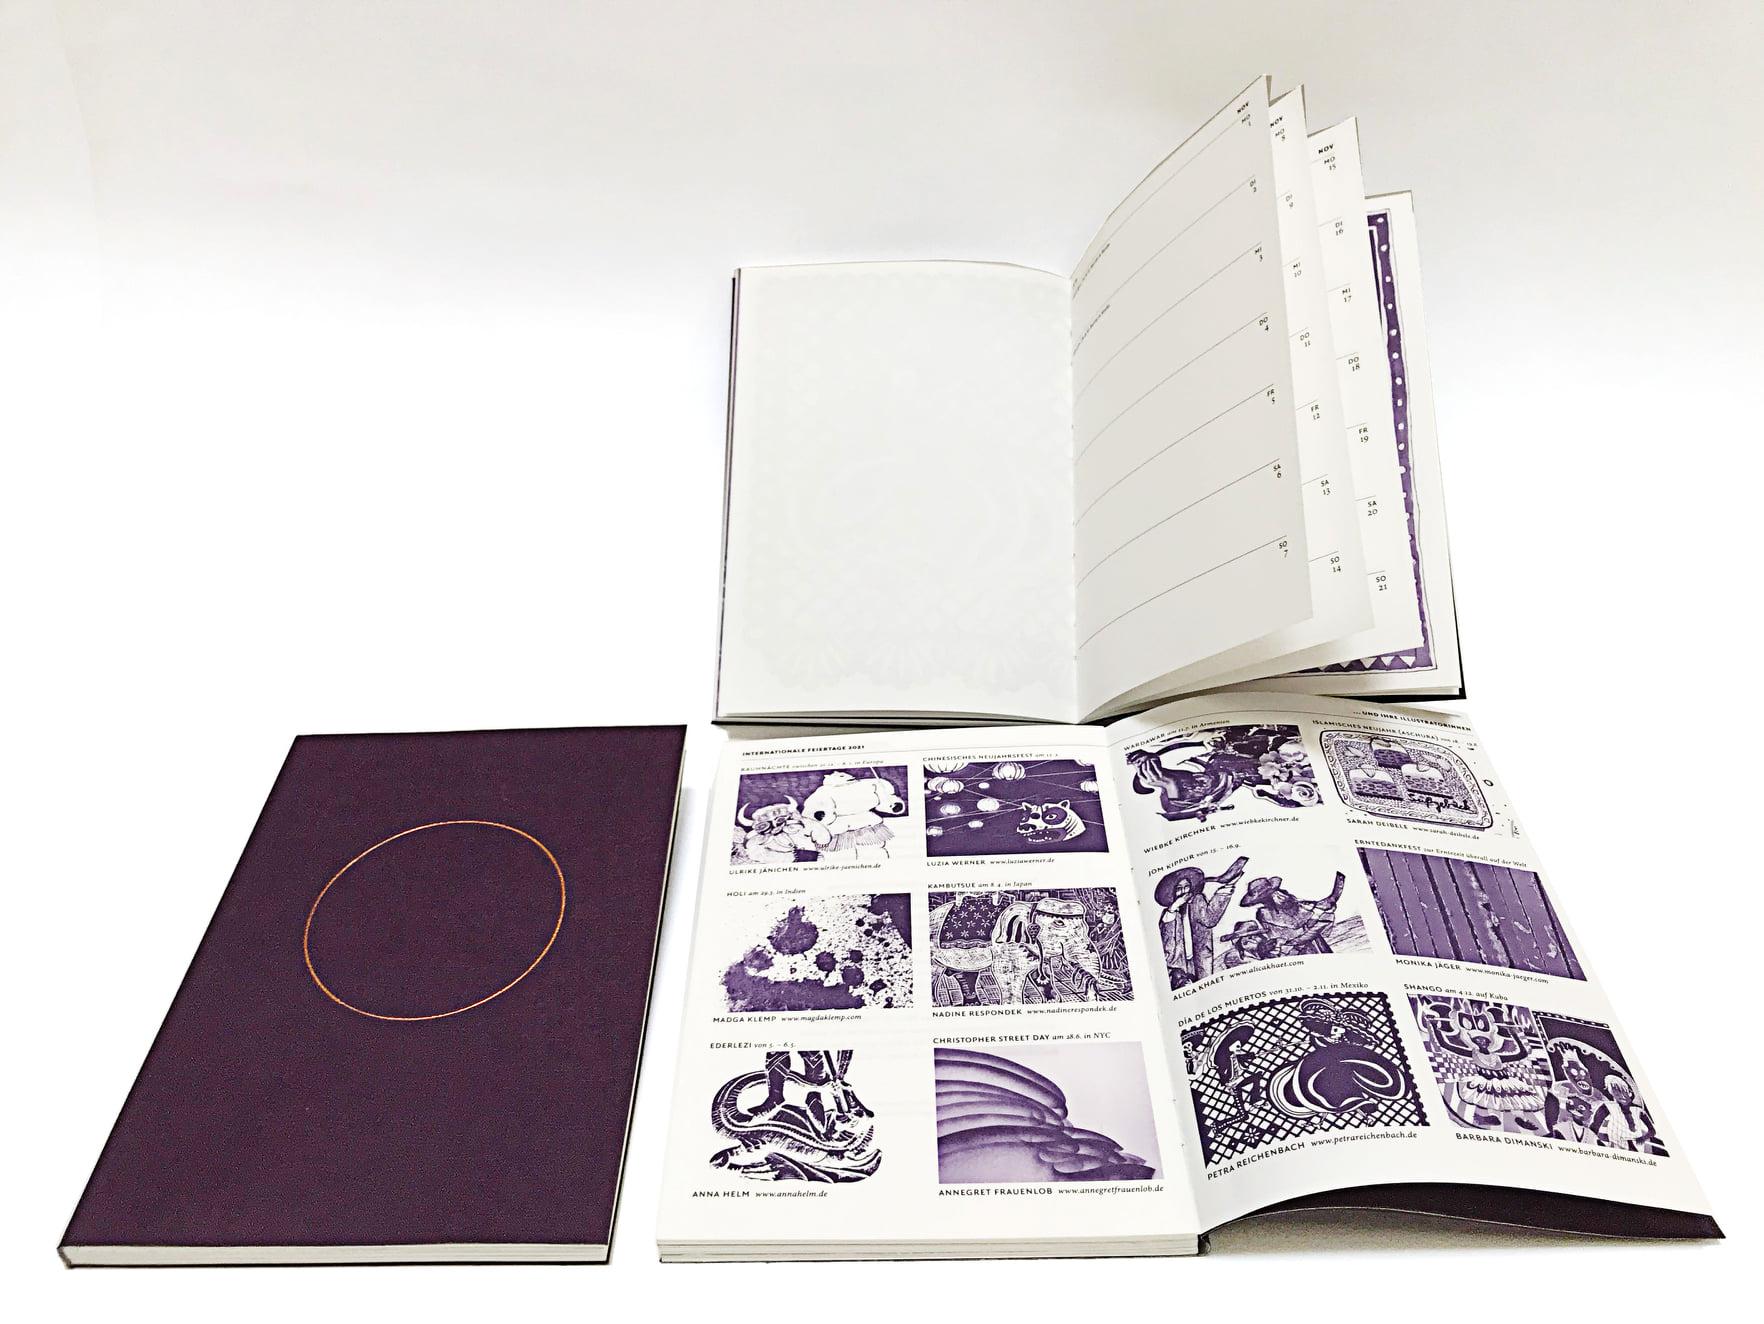 b.a.c.H. Taschenkalender 2021 / Foto von Petra Reichenbach